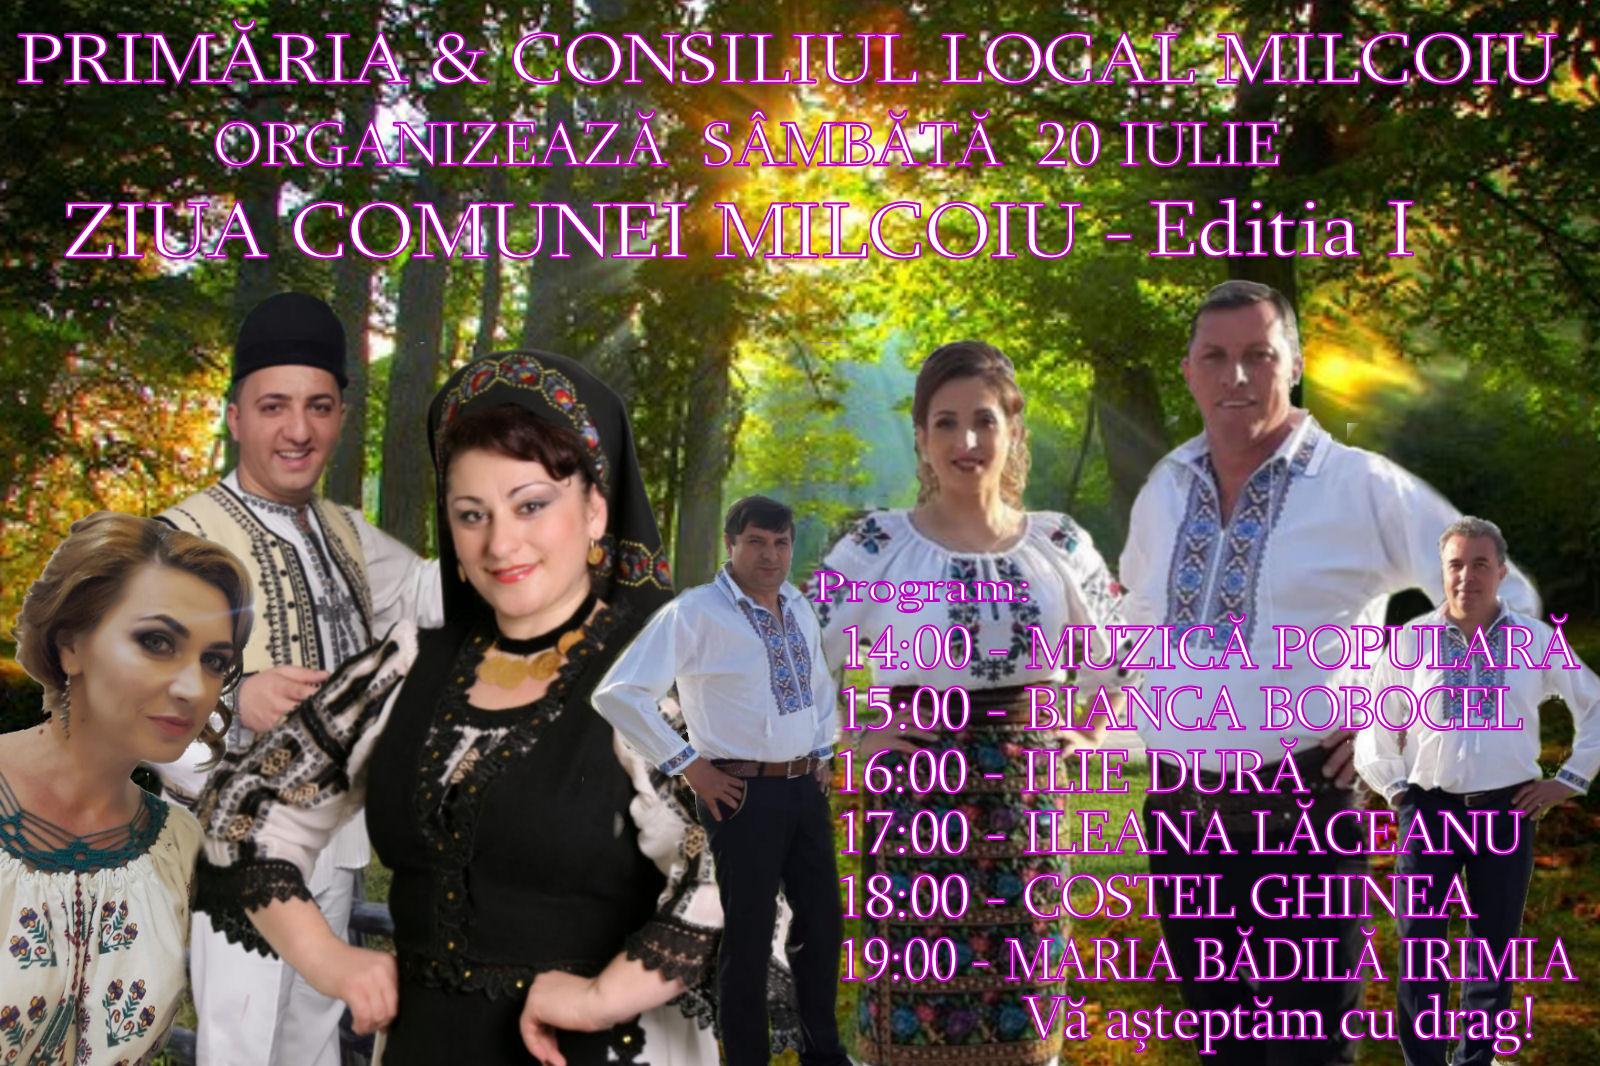 Sâmbătă, 20 iulie,  Ziua comunei Milcoiu, organizată pentru prima dată